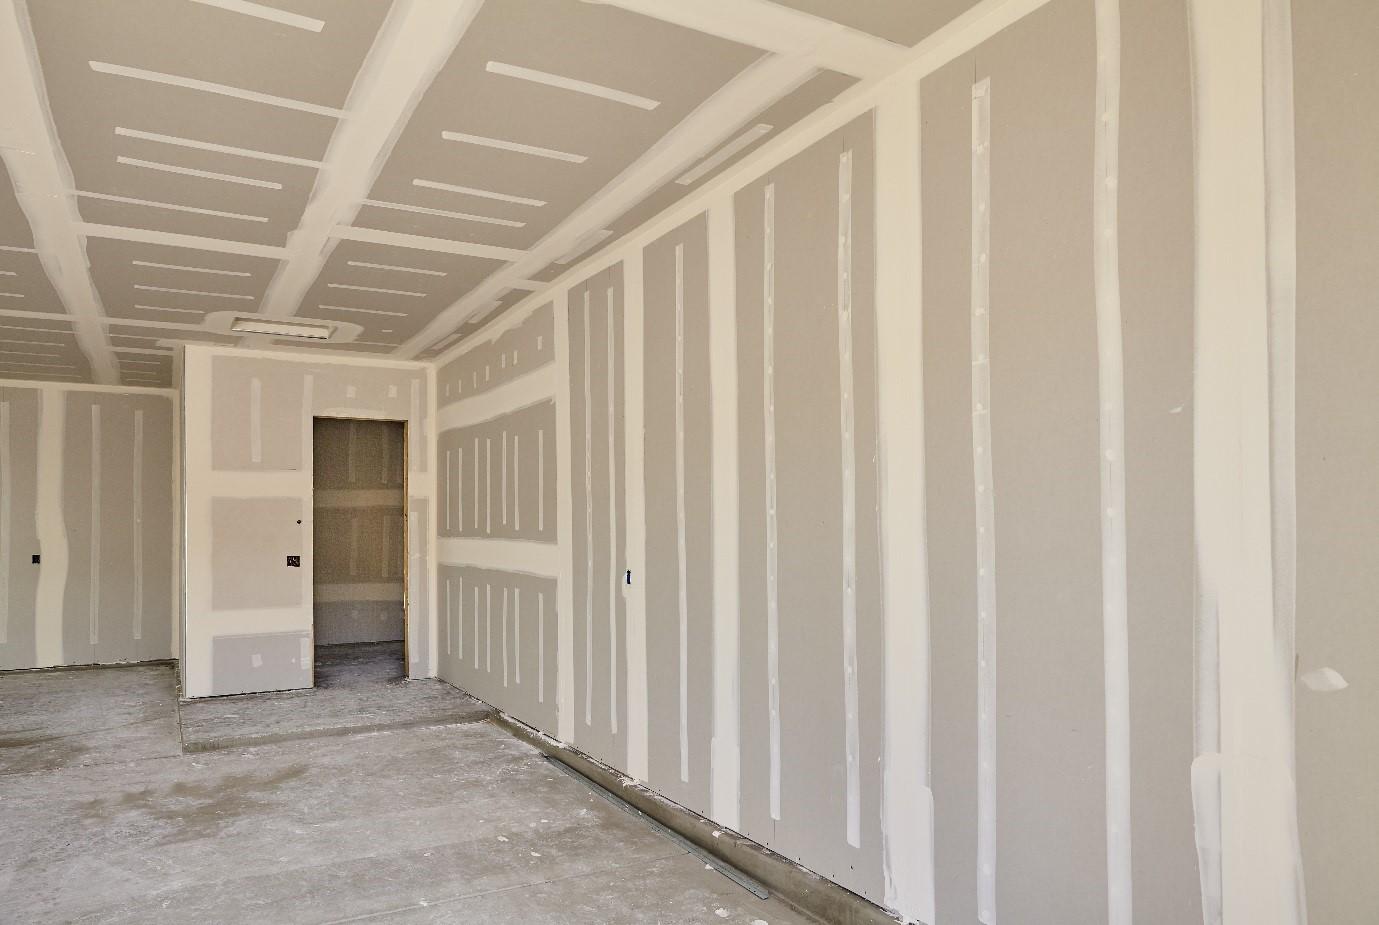 Reason to choose Drywall